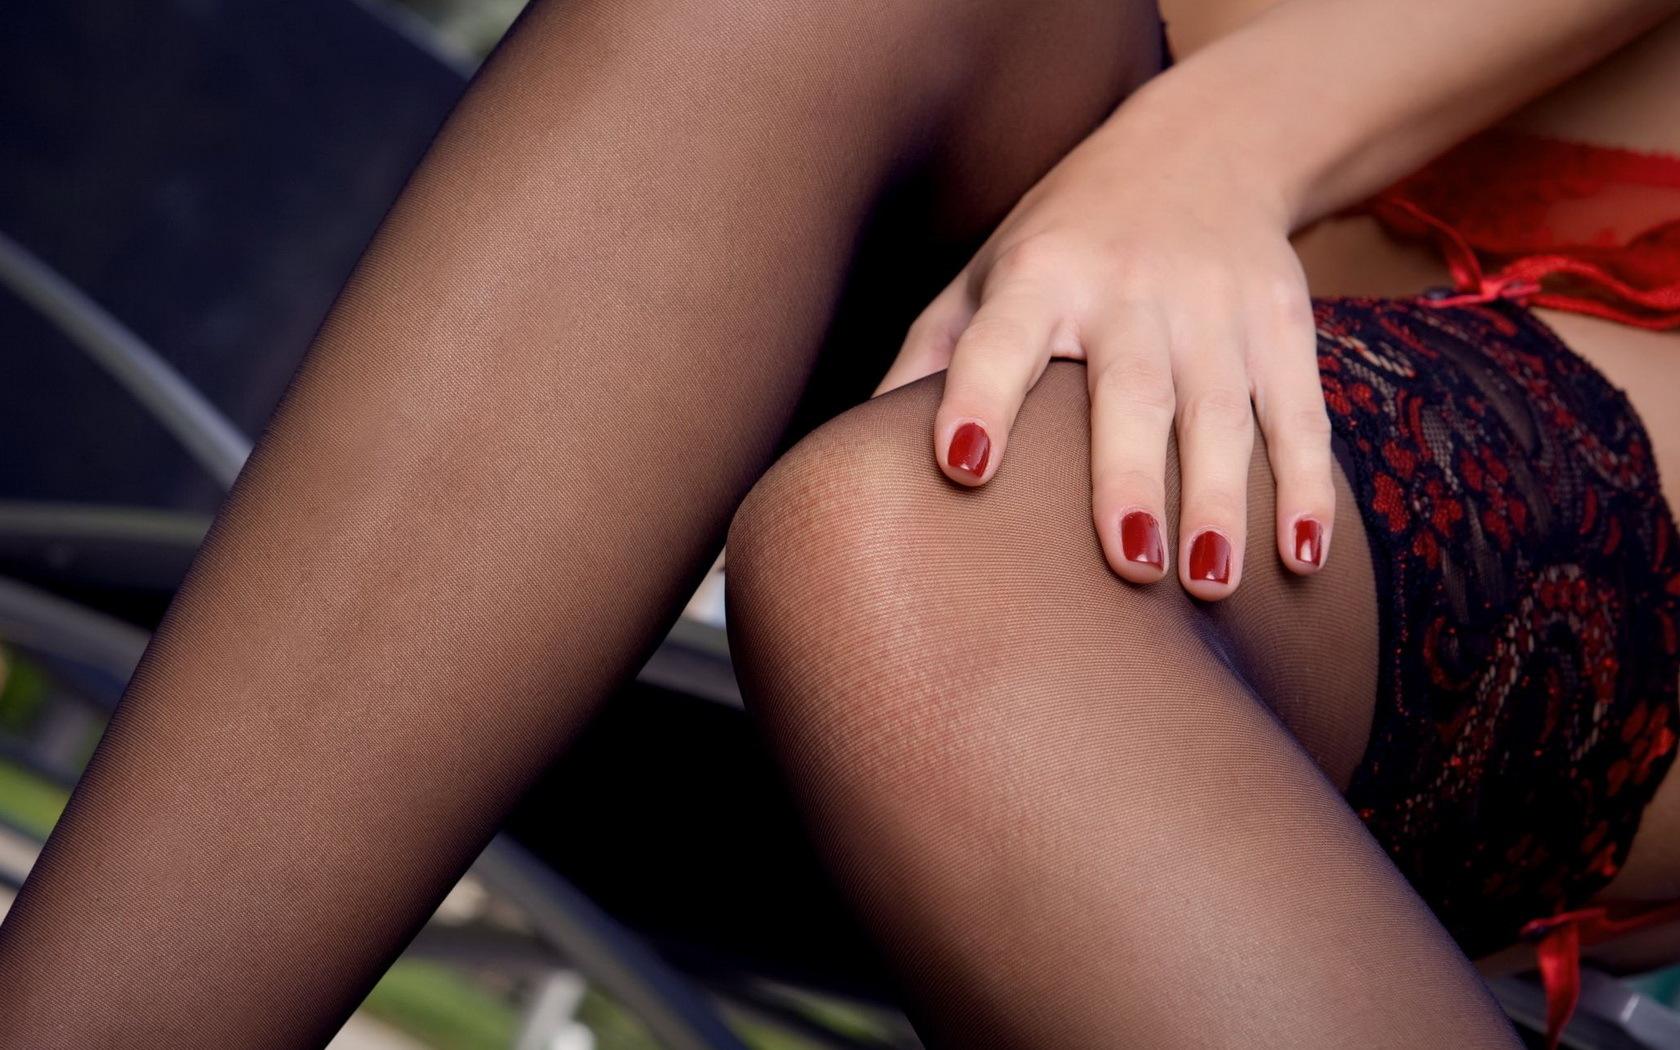 часть прелесть женских ног родители засобирались